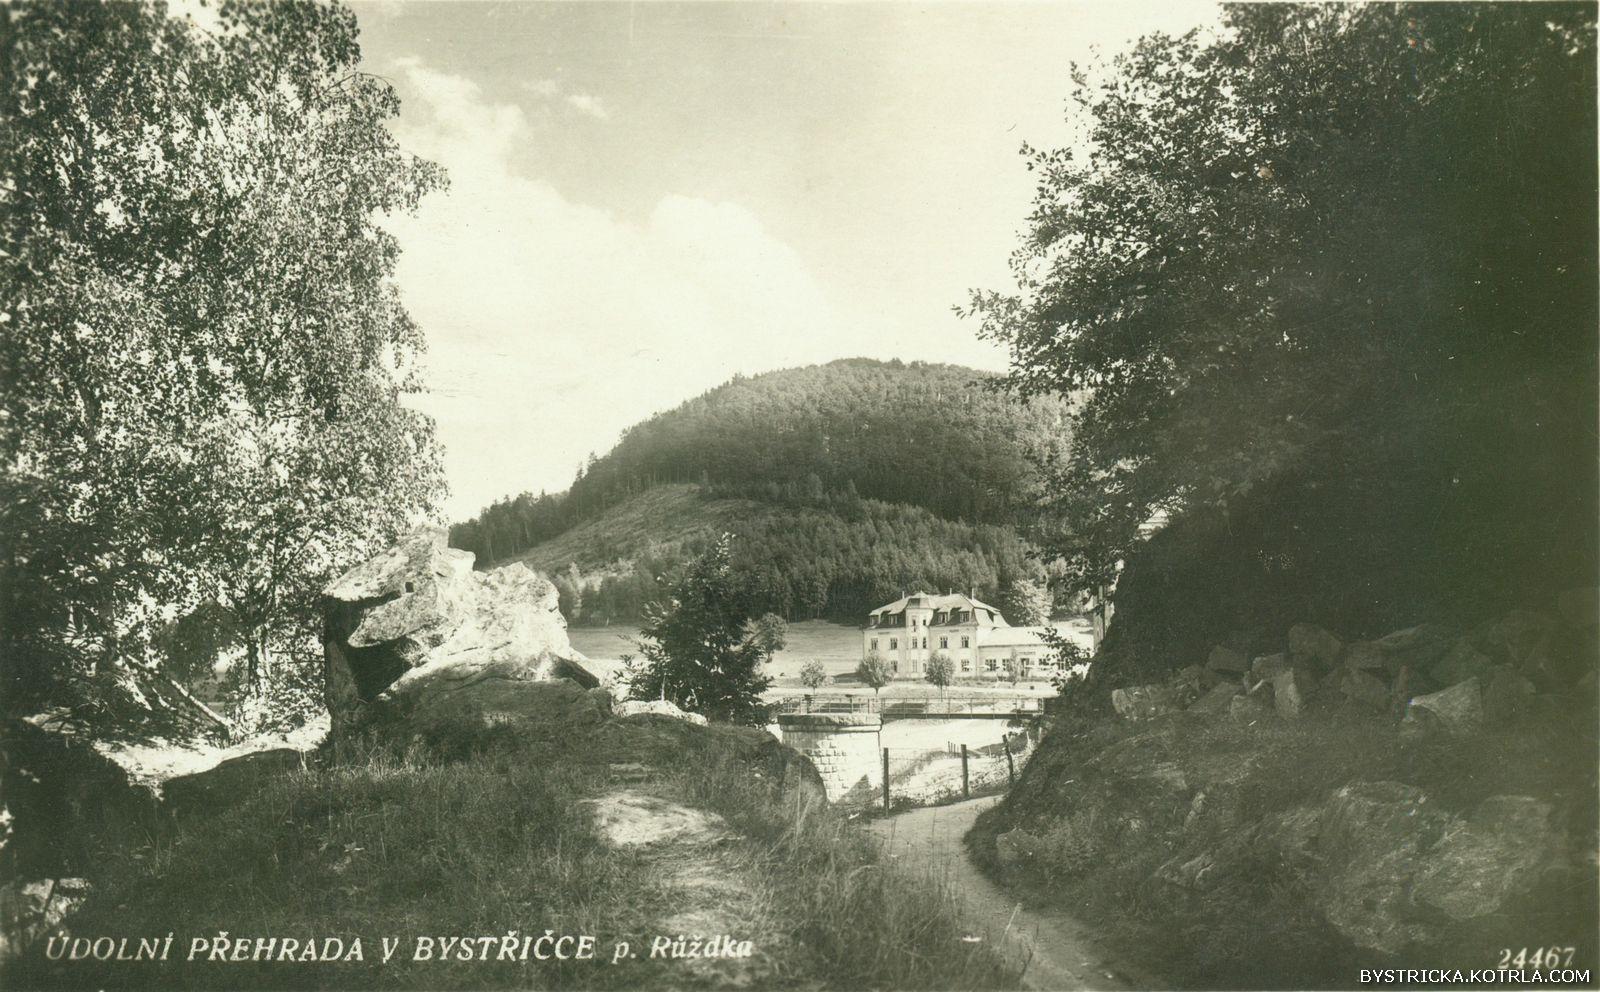 Údolní přehrada v Bystřičce p. Růžďka – hotel Klenov